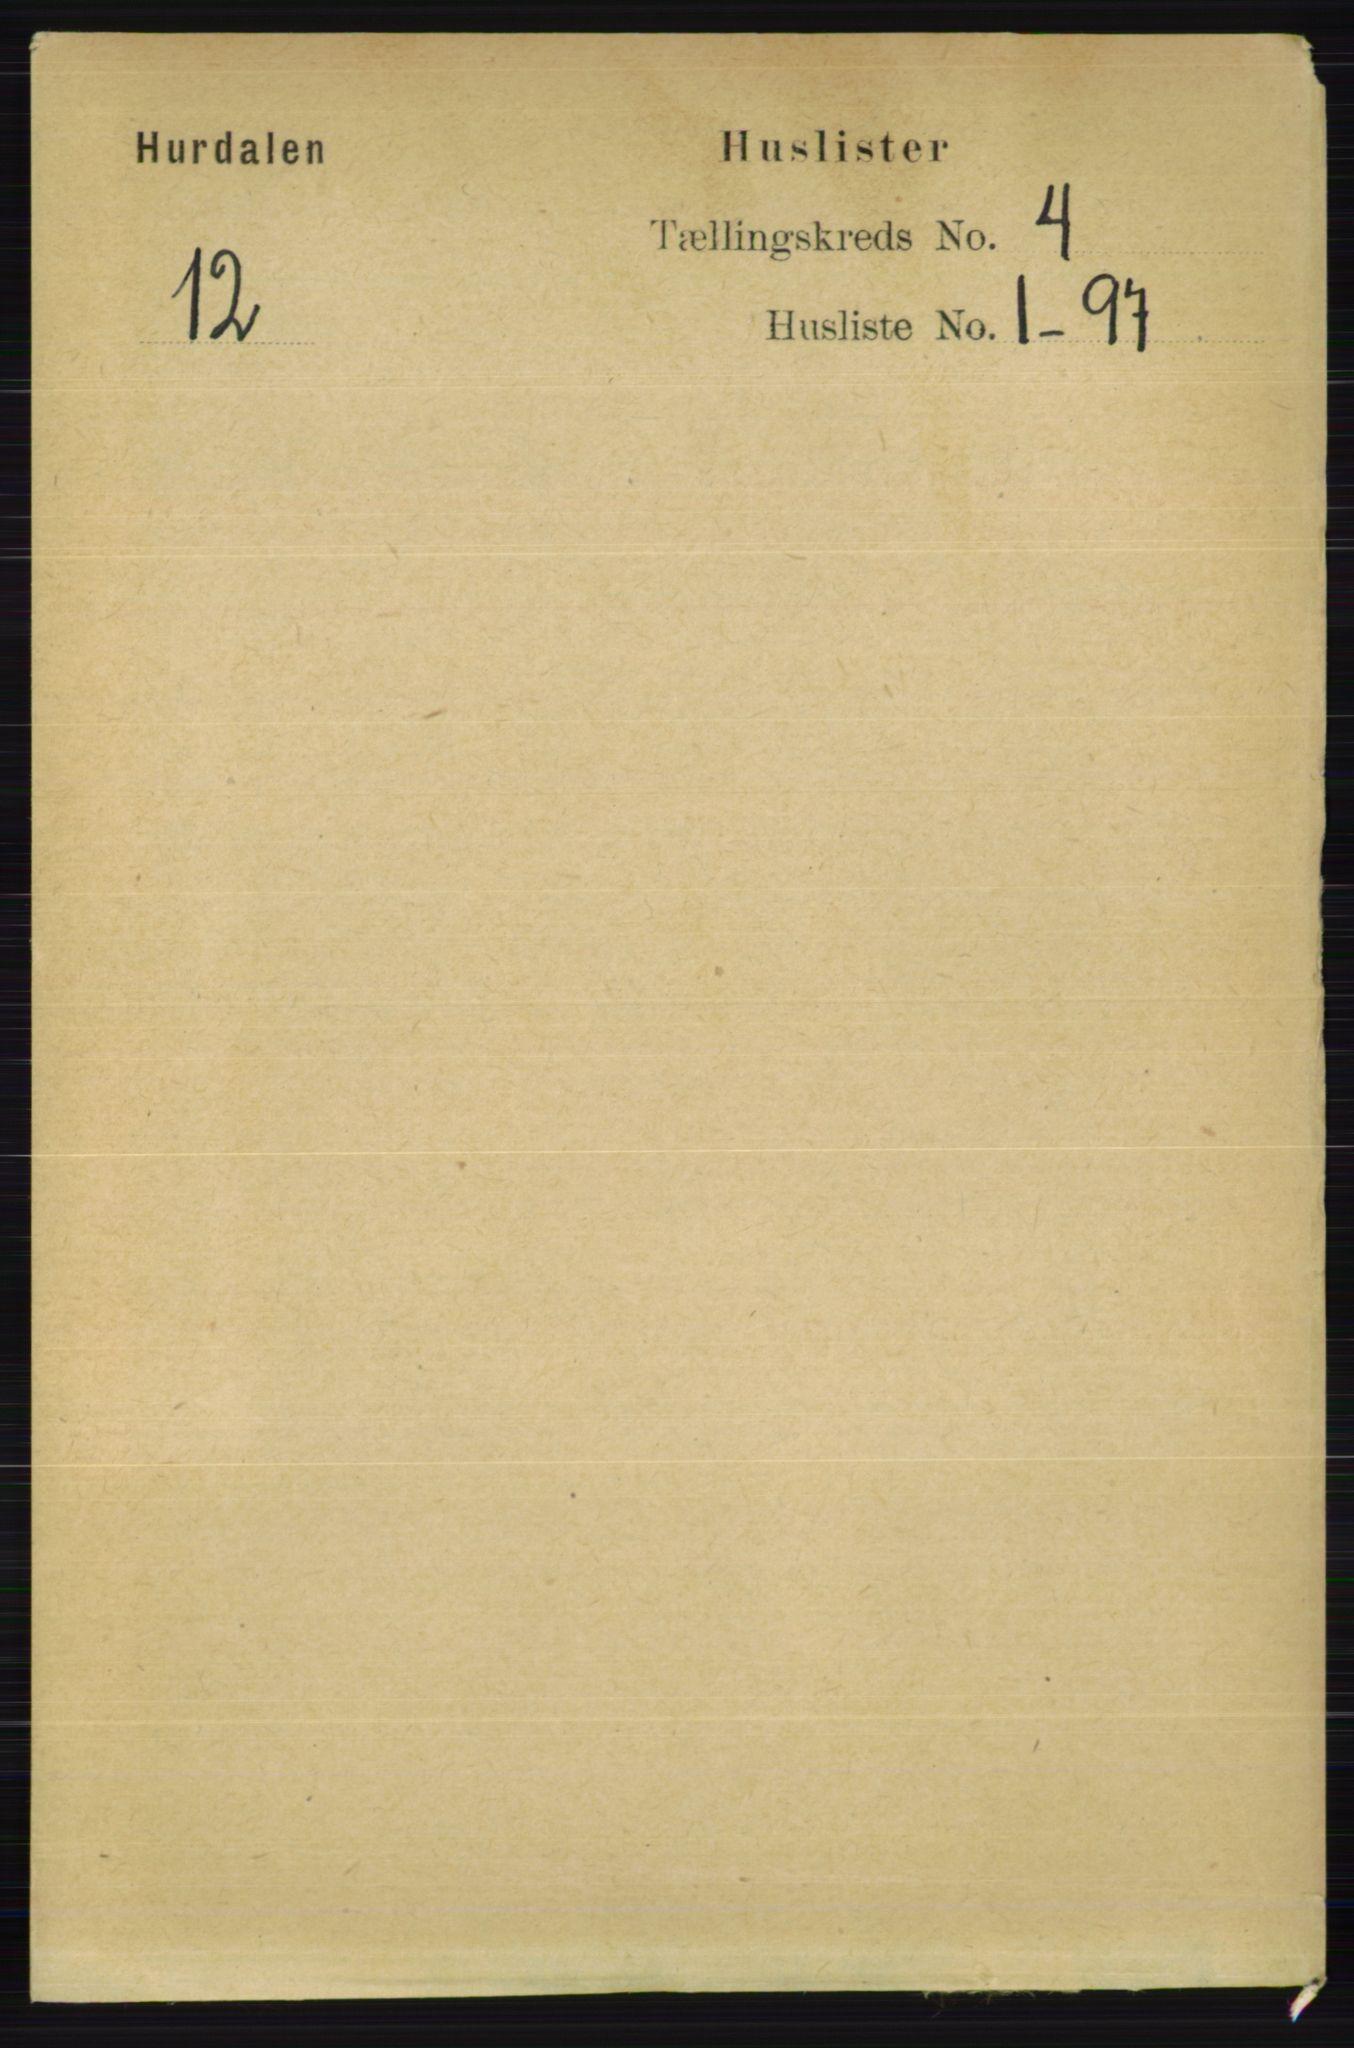 RA, Folketelling 1891 for 0239 Hurdal herred, 1891, s. 1322